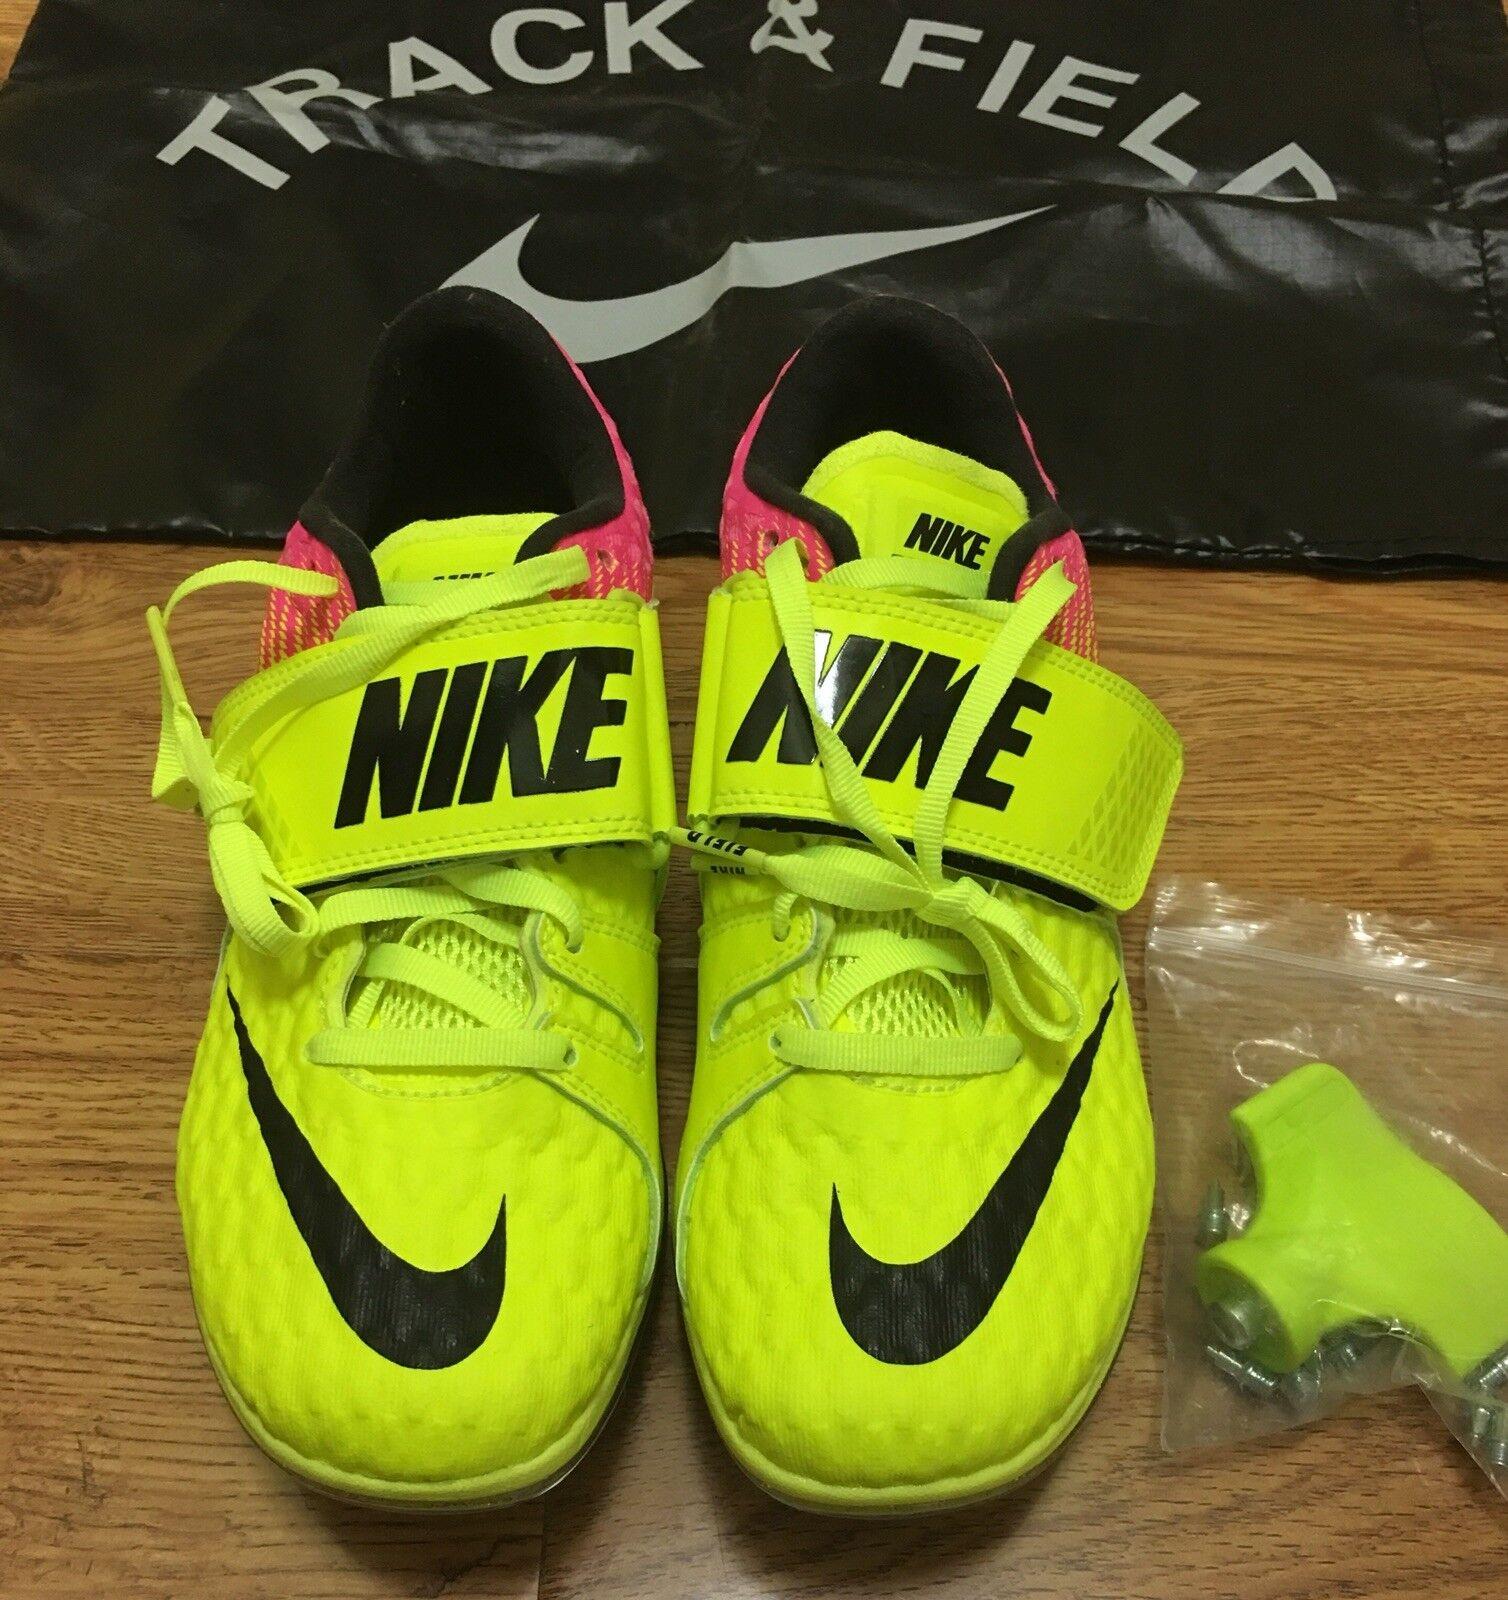 new products 9ad5d 39509 Nuove nike nike nike zoom hj elite track giallo di salto in alto le donne  scarpe Uomo 4,5 6 8eca0a